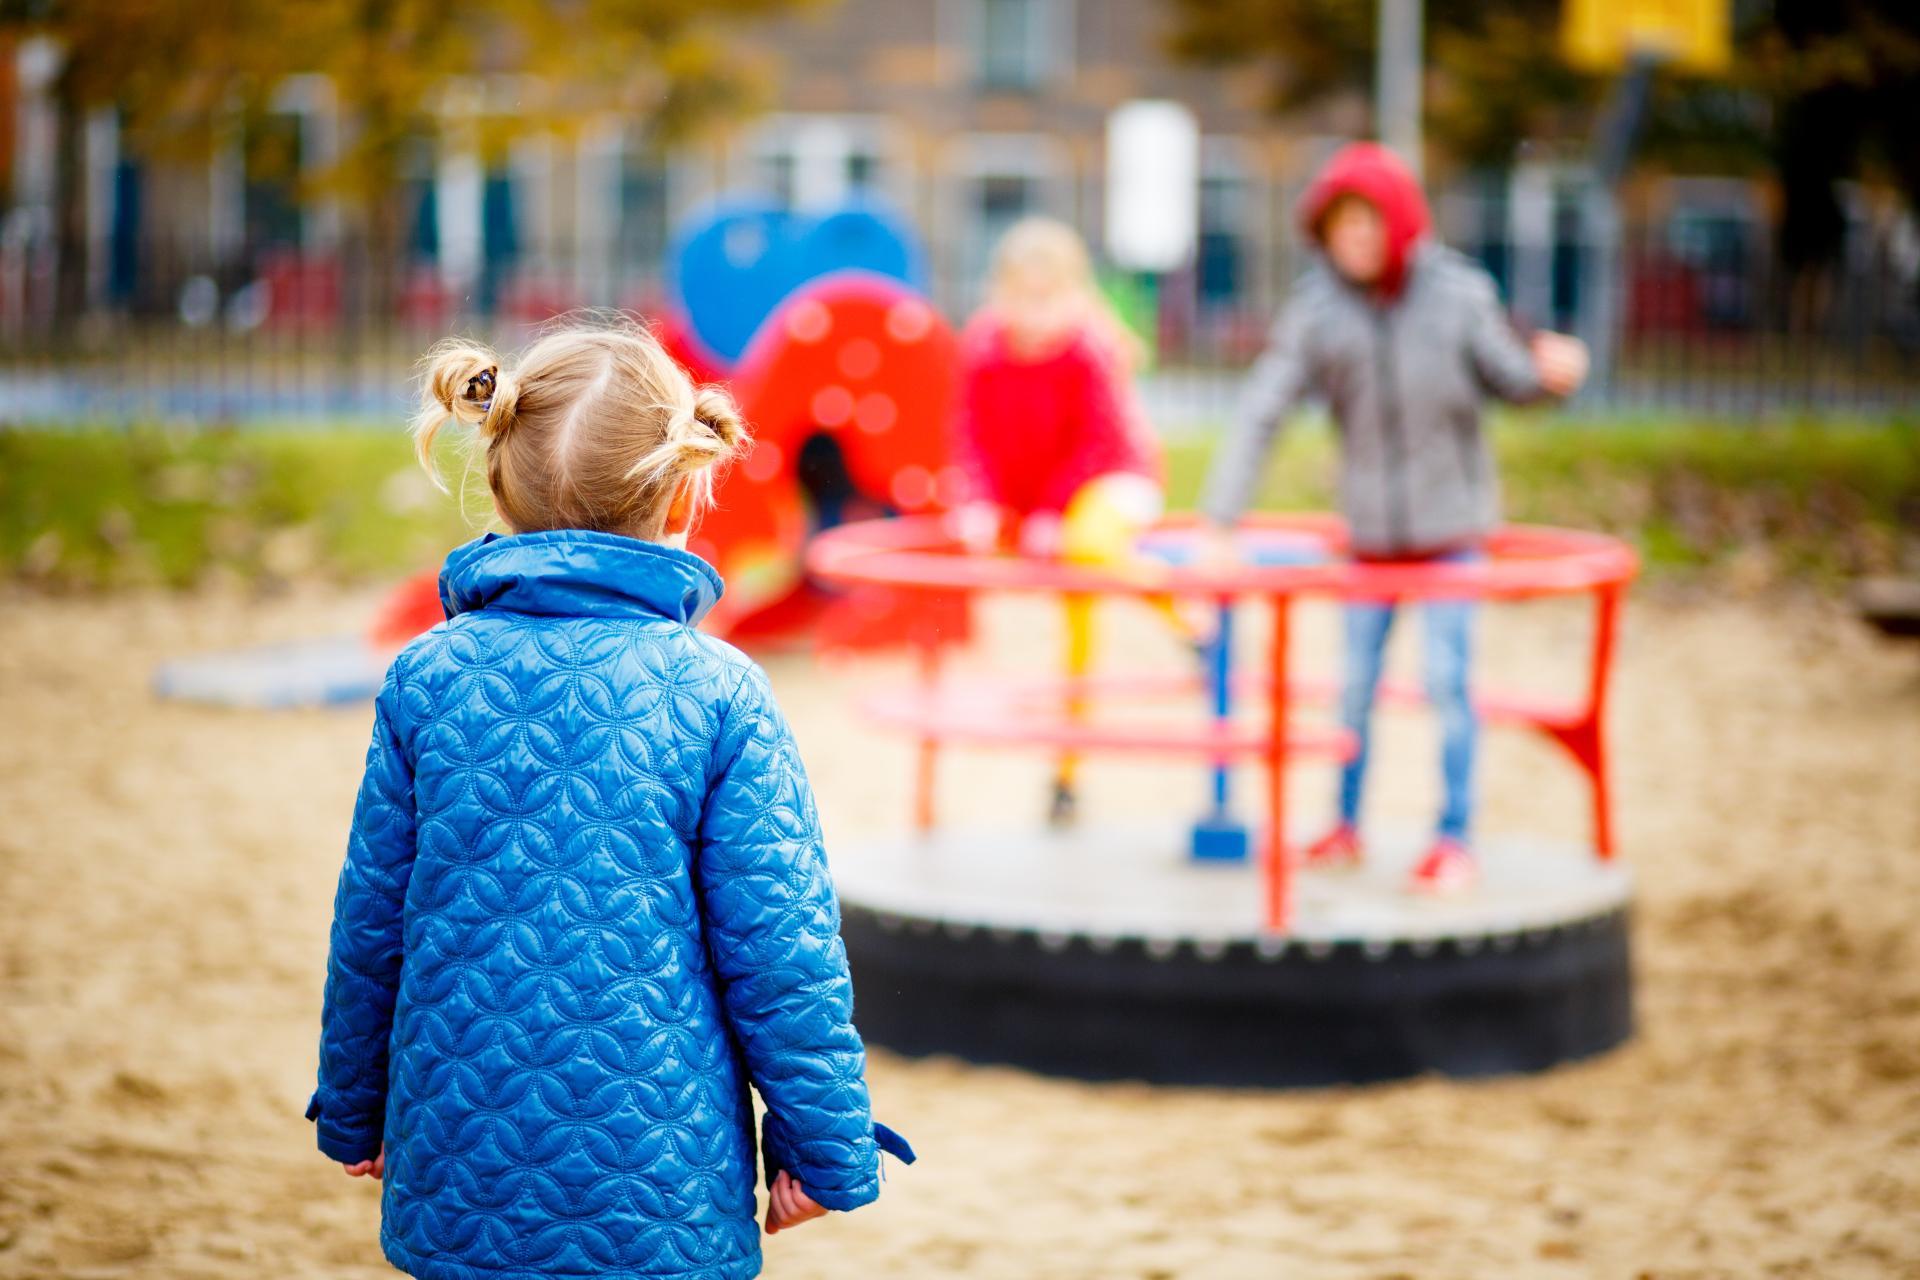 kinderen op speelplaats